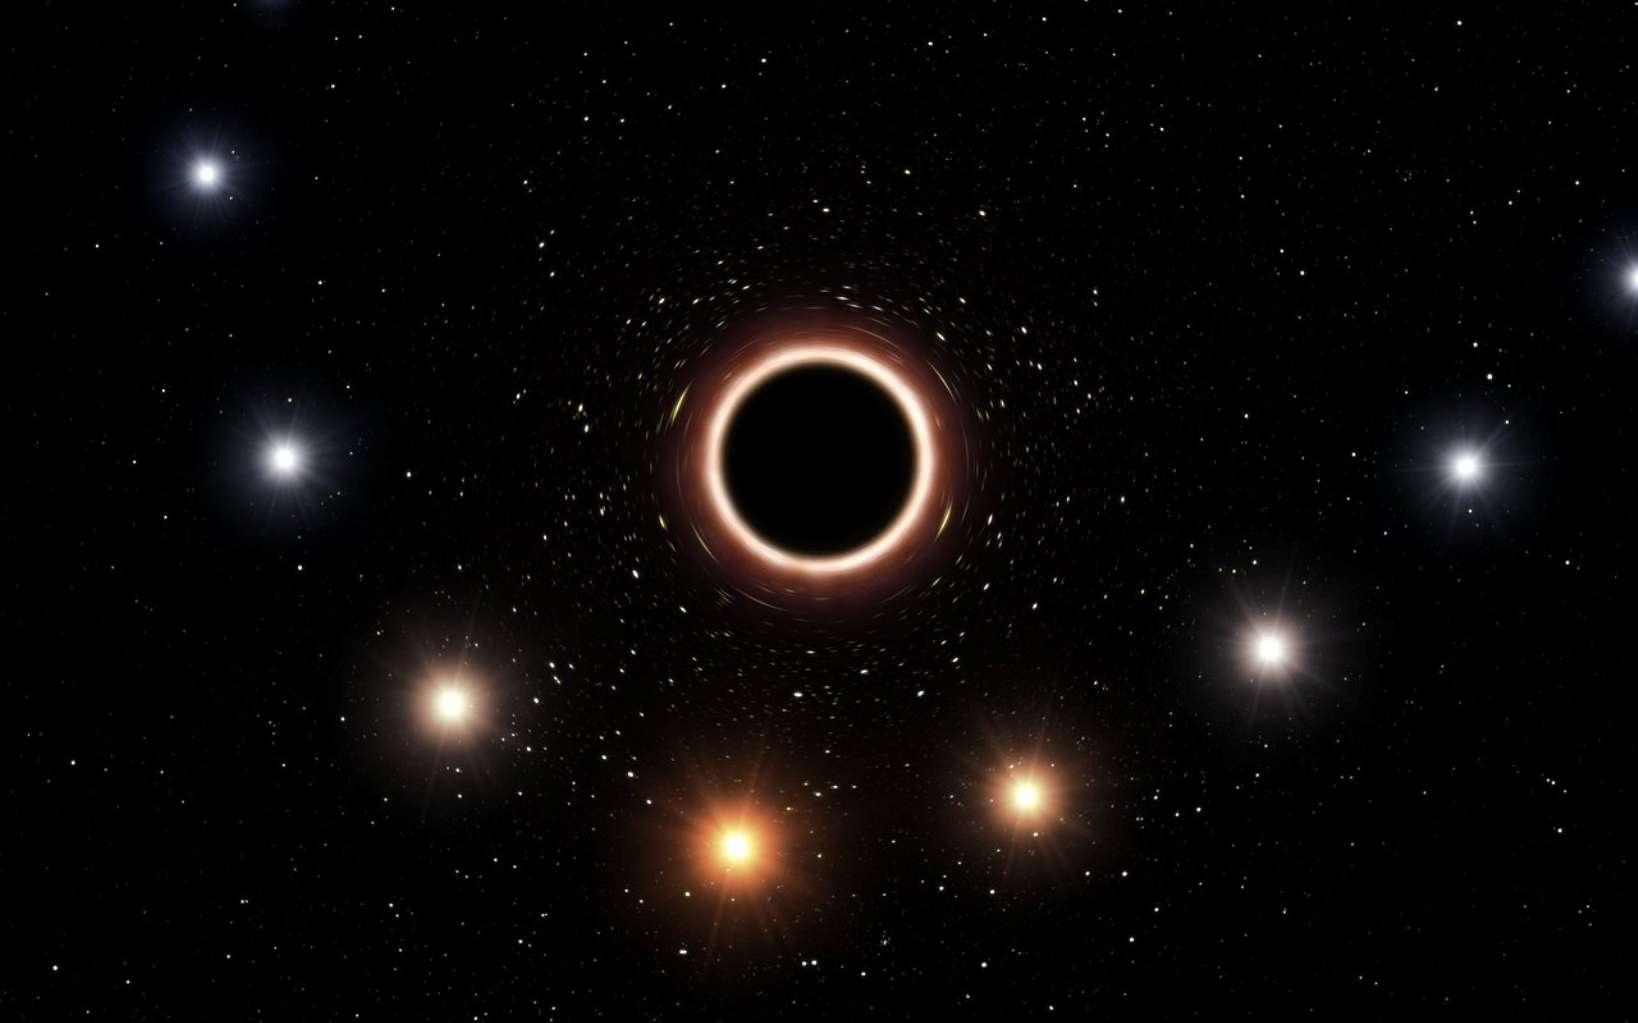 Sur cette vue d'artiste figure la trajectoire de l'étoile S2 passant à proximité du trou noir supermassif situé au centre de la Voie lactée. À mesure qu'elle s'approche du trou noir, l'étoile arbore une couleur toujours plus rougeâtre. Cet effet, prédit par la théorie de la relativité générale d'Einstein, résulte de la présence d'un champ gravitationnel très intense. Sur ce graphe, le rougissement ainsi que la taille des objets ont été volontairement exagérés. © ESO/M. Kornmesser